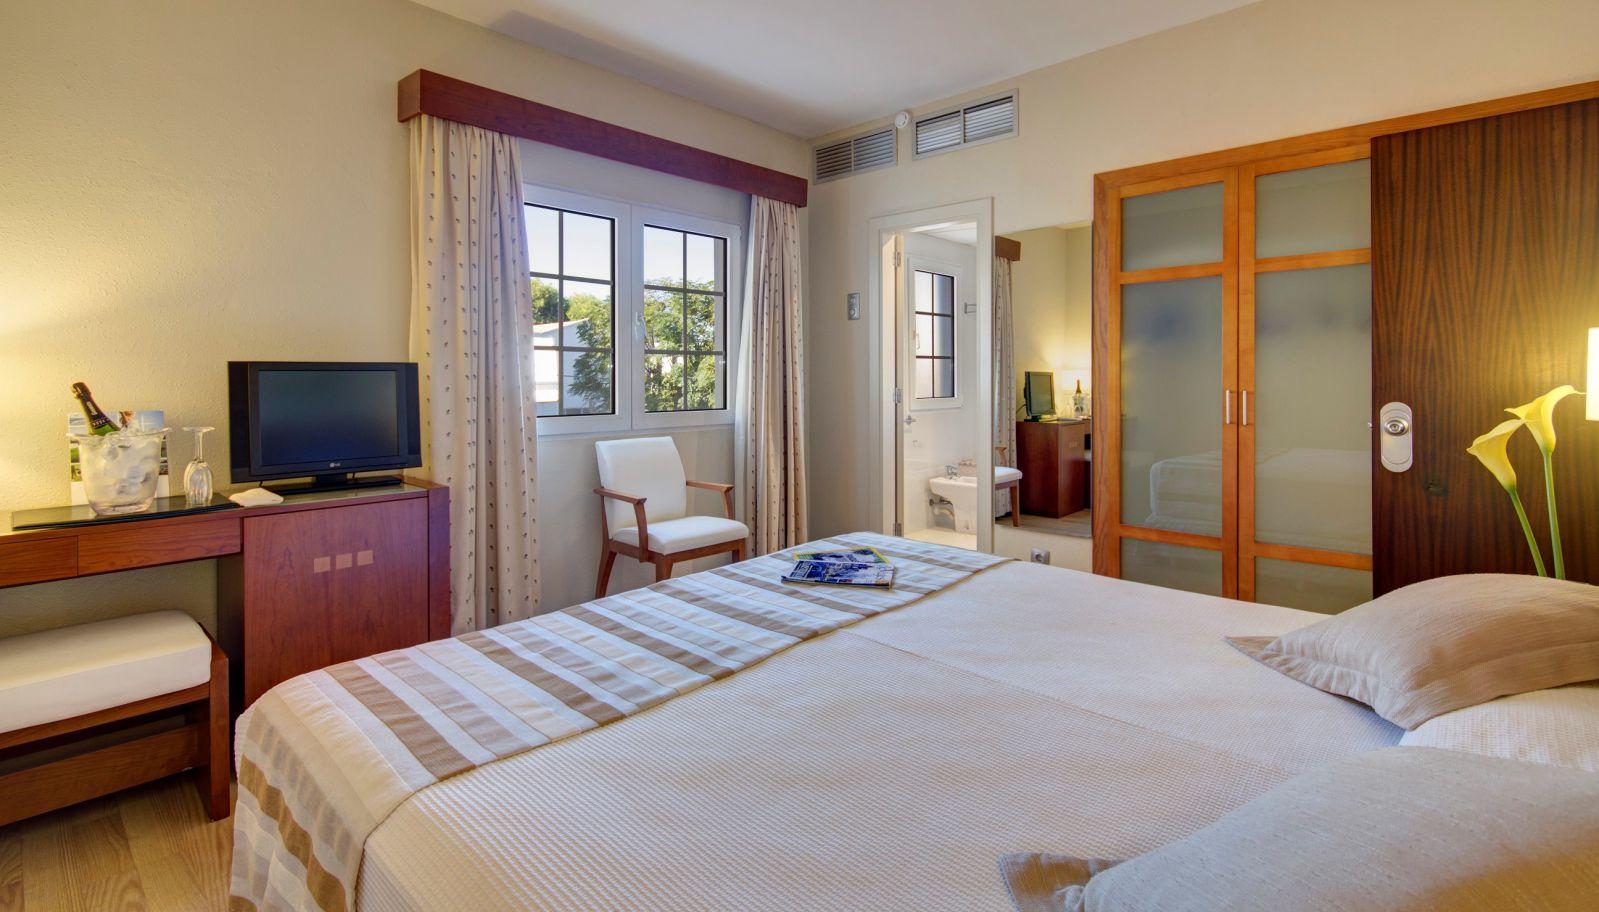 Hotel Menorca Patricia - Hotel en Ciutadella - Habitación estándar